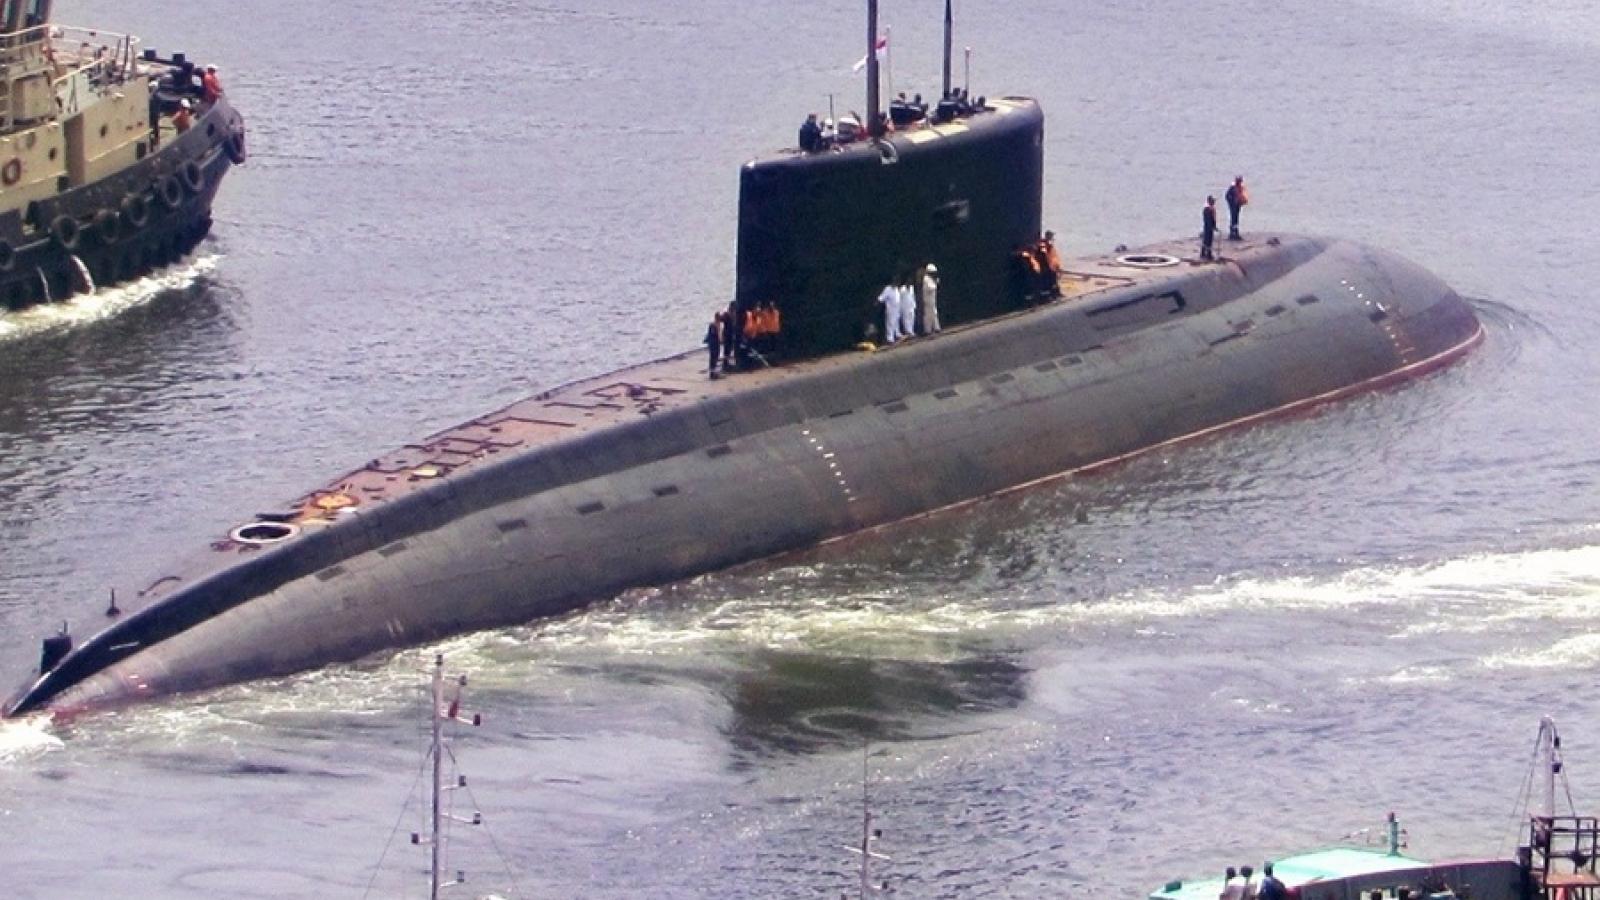 Ấn Độ chuyển giao tàu ngầm lớp Kilo cho Myanmar